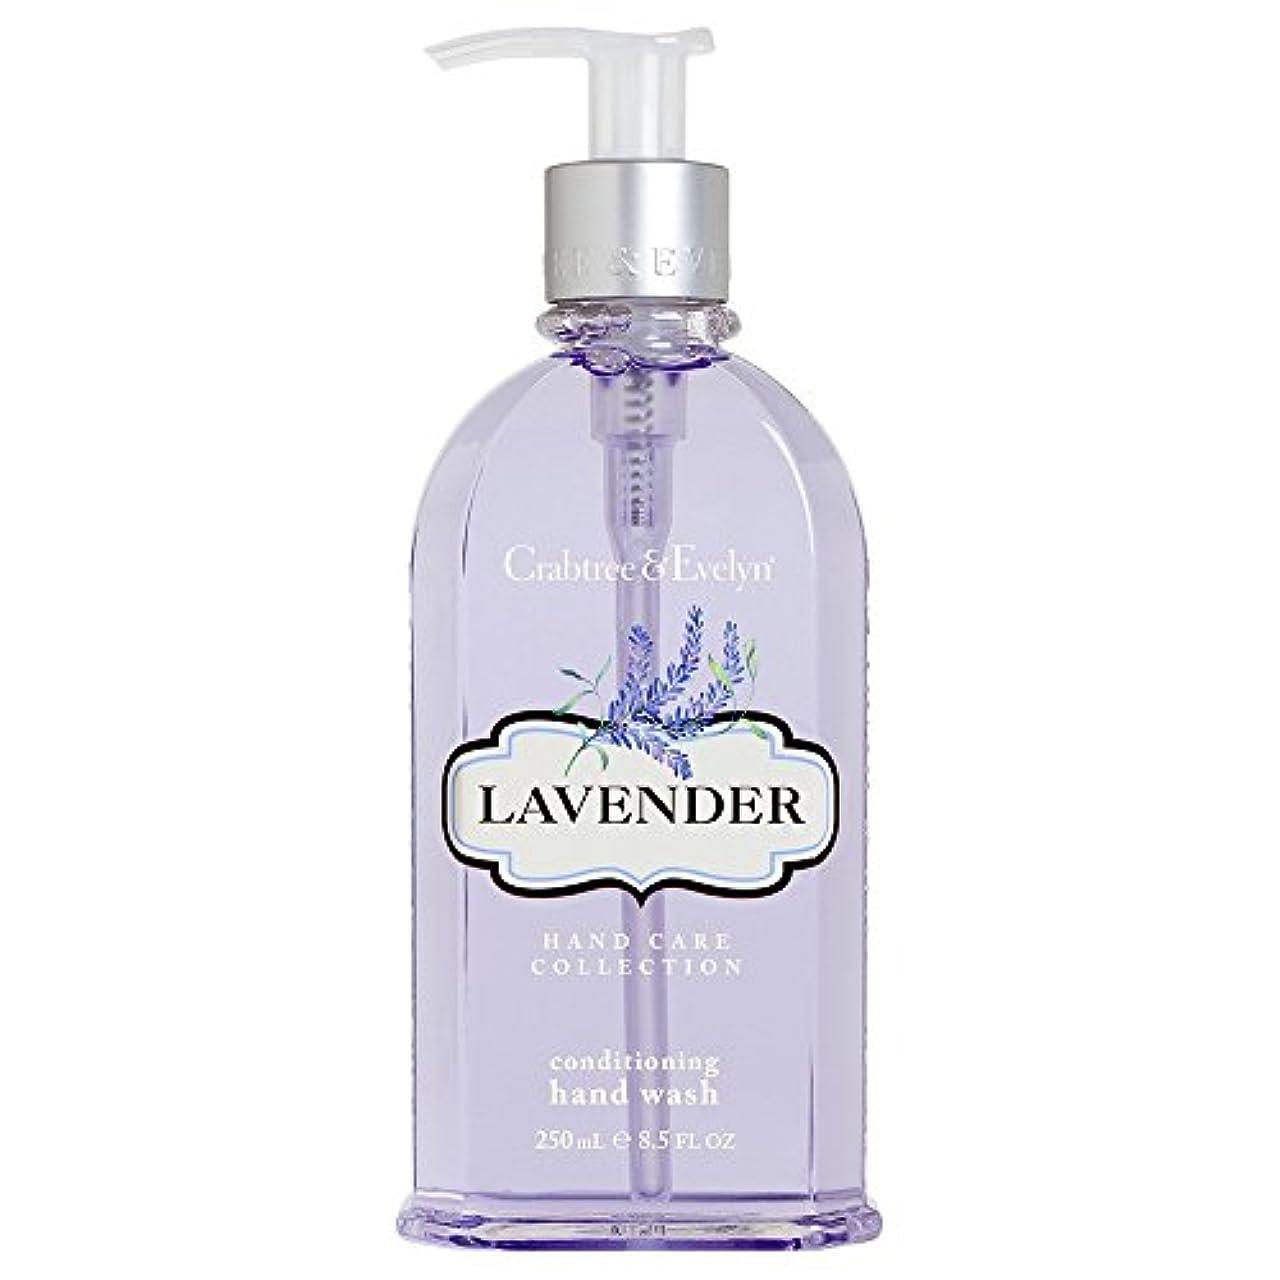 辞書ベックス教育クラブツリー&イヴリンラベンダーコンディショナーハンドウォッシュ250ミリリットル (Crabtree & Evelyn) (x6) - Crabtree & Evelyn Lavender Conditioning Hand Wash 250ml (Pack of 6) [並行輸入品]